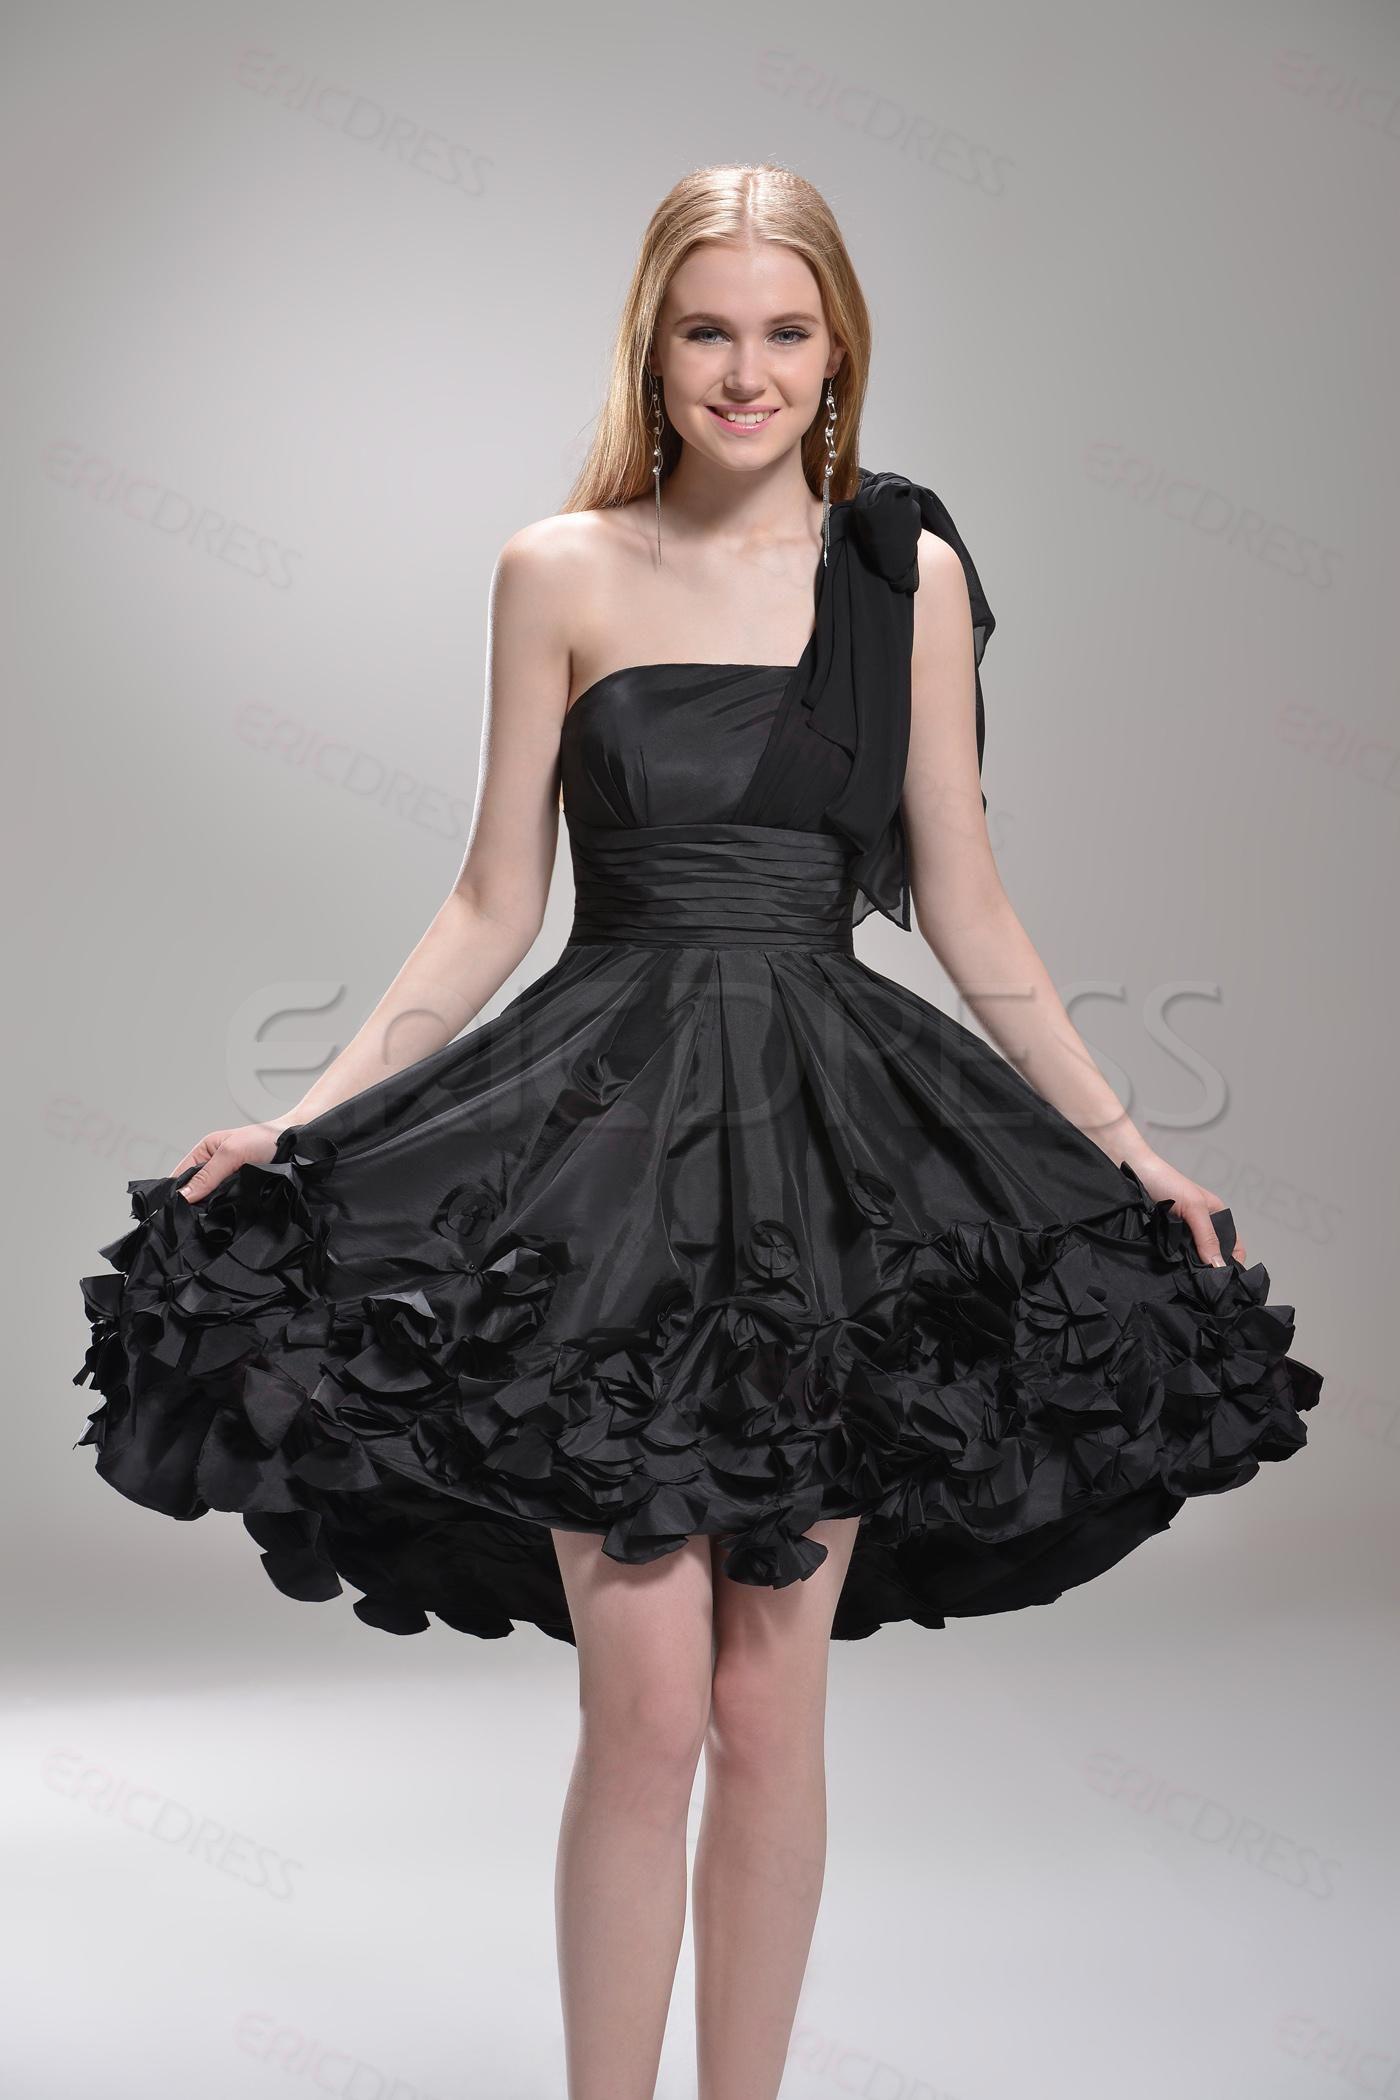 Black dress quotes pinterest - One Shoulder Black Short Mini Length Party Cocktail Dress